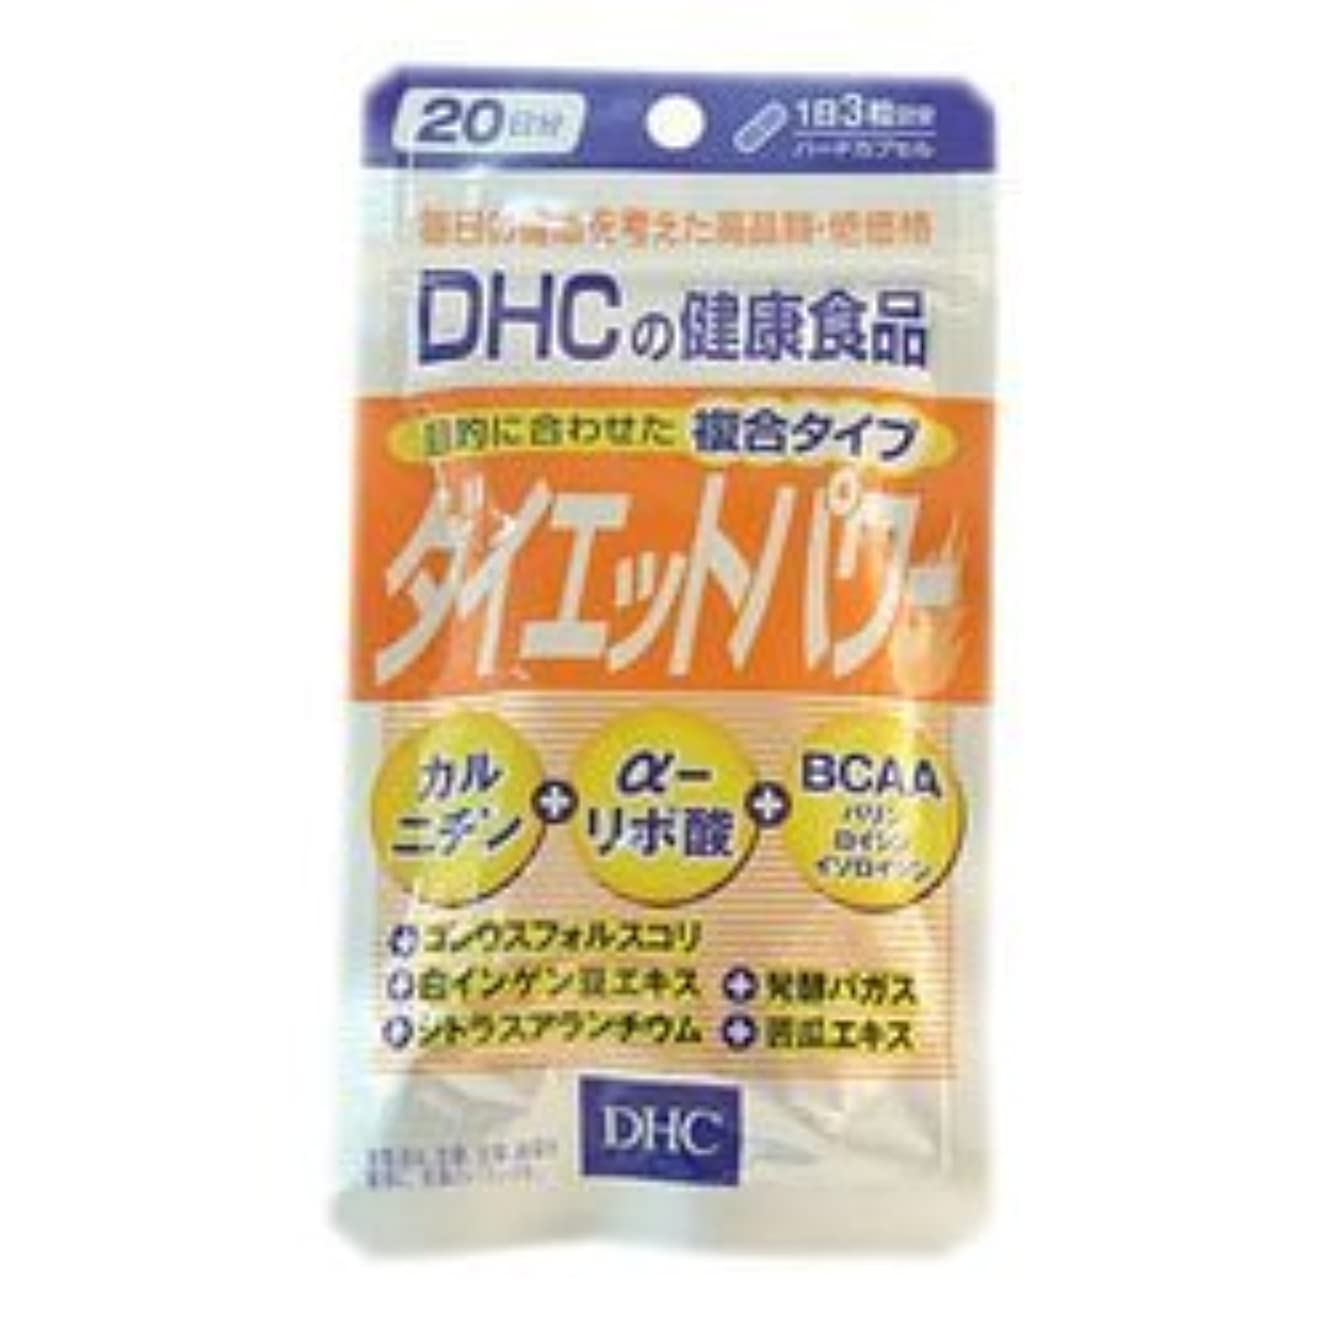 牛肉場合信条【DHC】ダイエットパワー 20日分 (60粒) ×20個セット